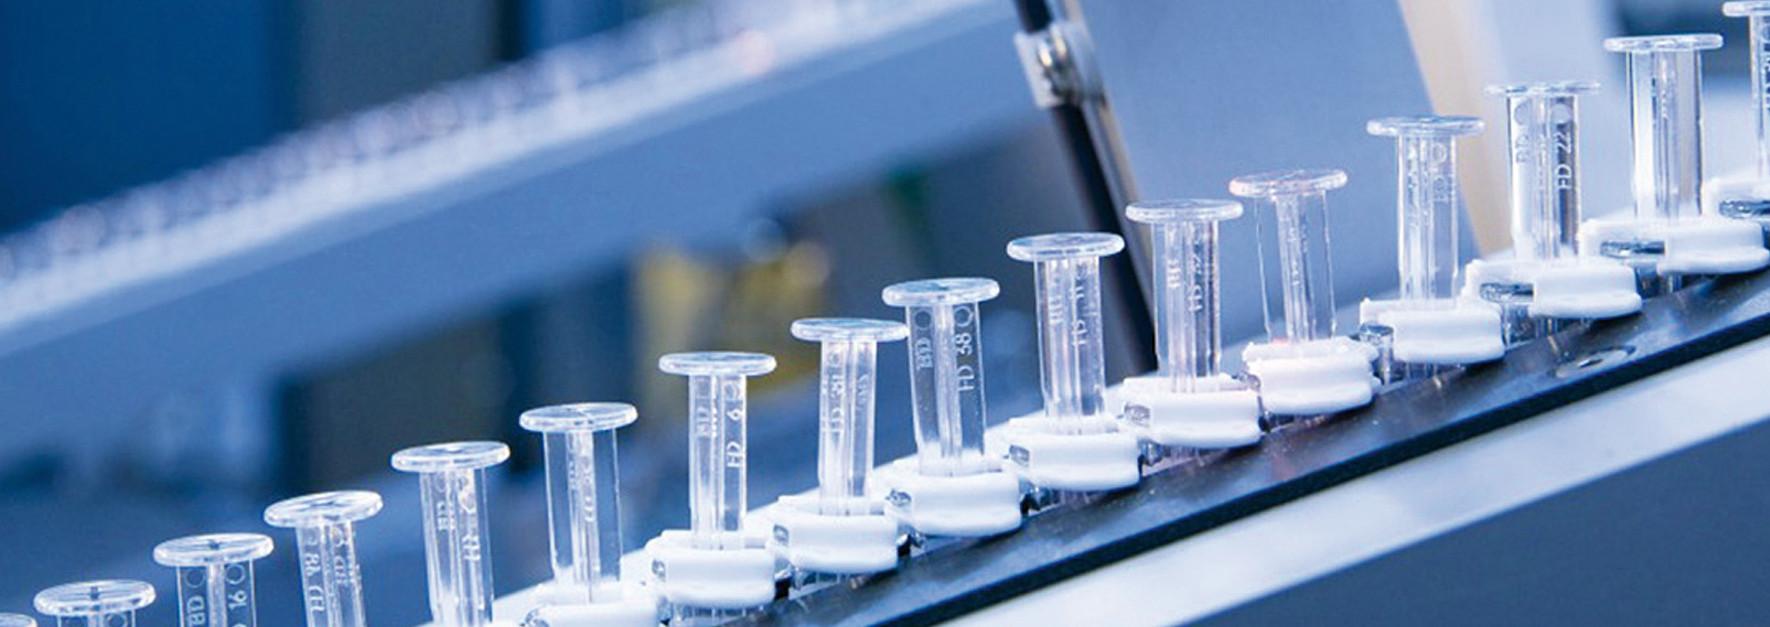 Kinh nghiệm mua hóa chất từ nhà cung cấp quốc tế (Hình 4)